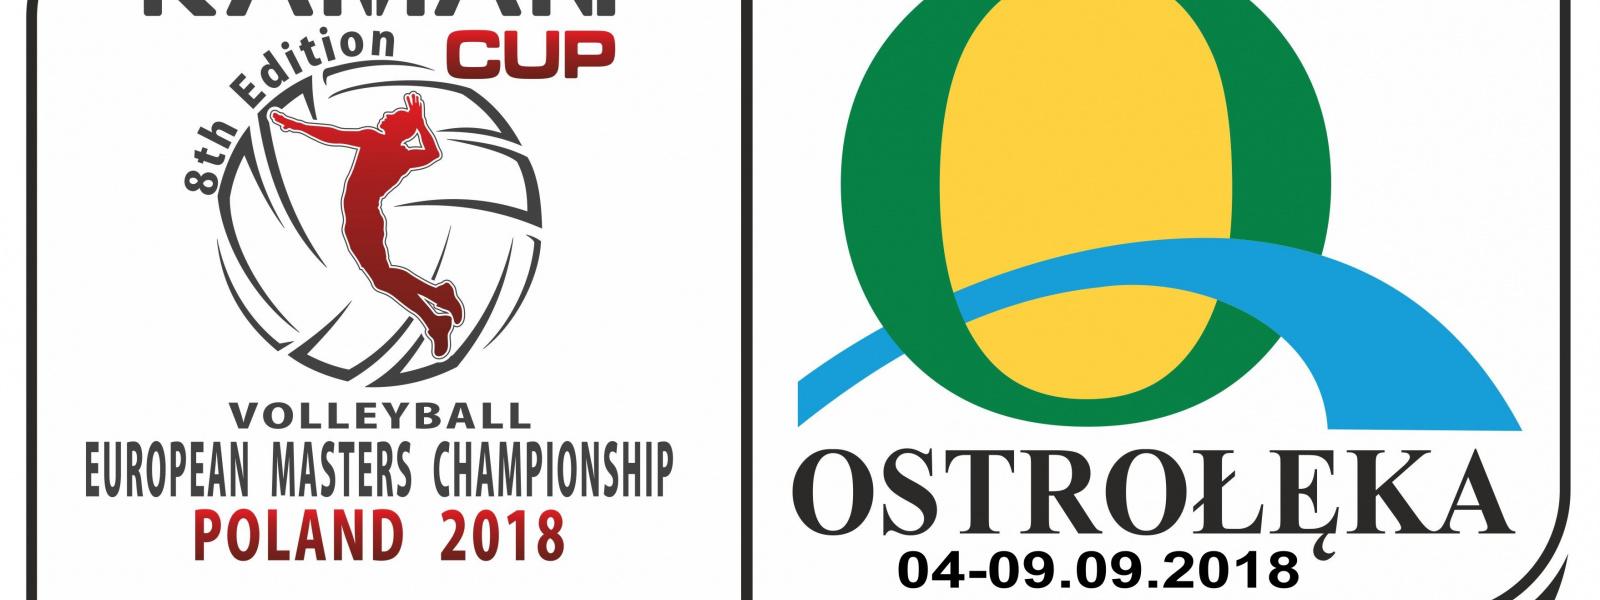 Ostrołęka gospodarzem Mistrzostw Europy Masters Polska 2018